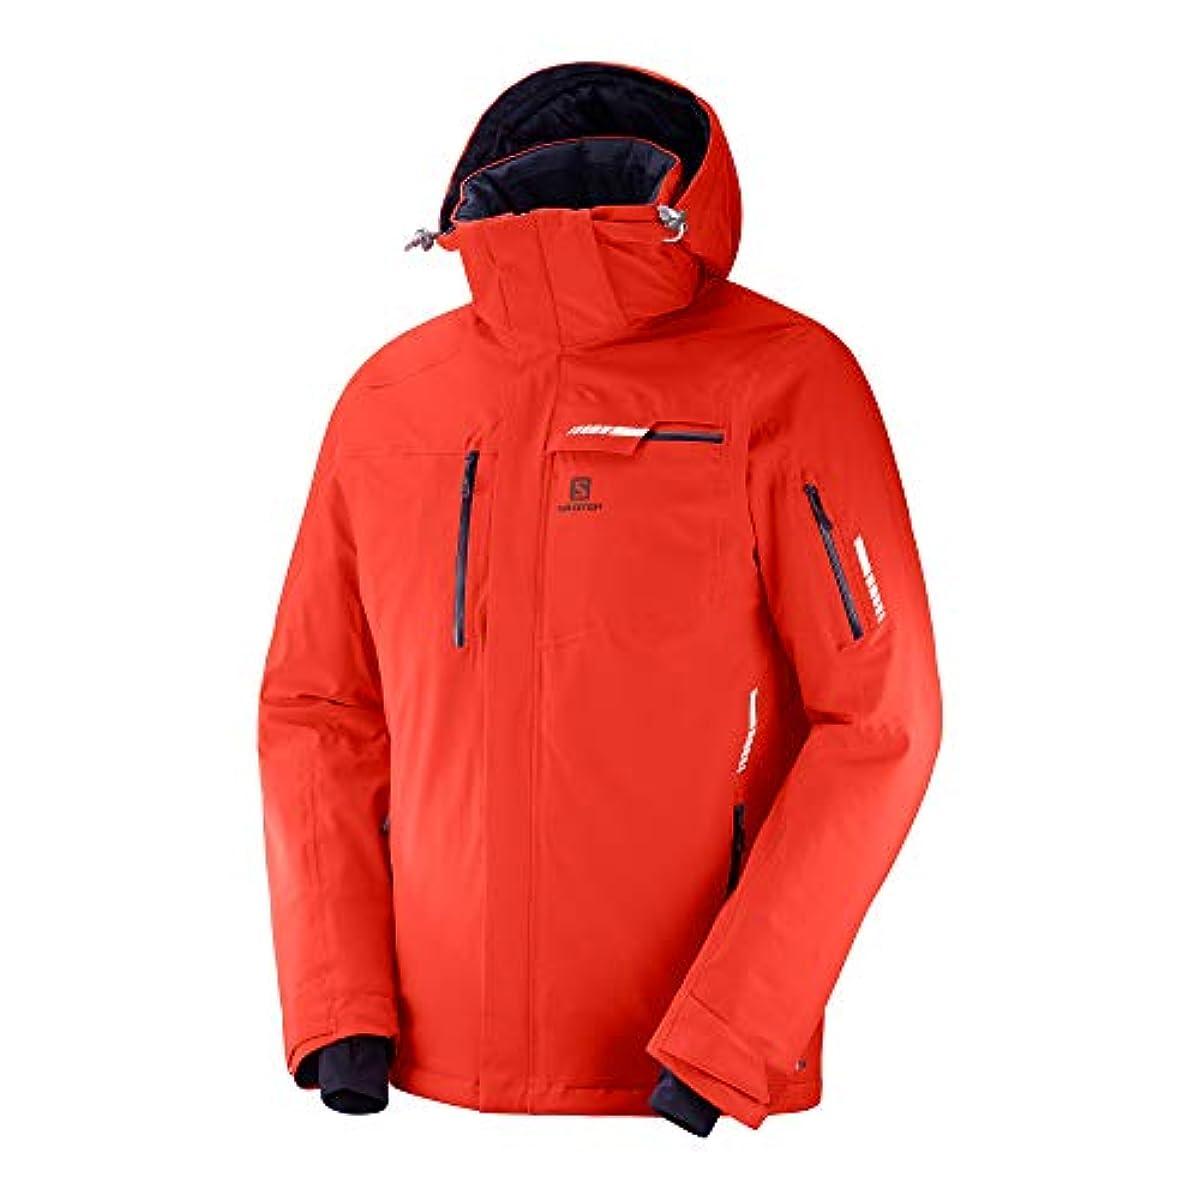 [해외] 살로몬SALOMON 스키 웨어 맨즈 재킷 BRILLIANT JACKET MEN 브릴리언트 재킷 맨즈 사이즈S~L